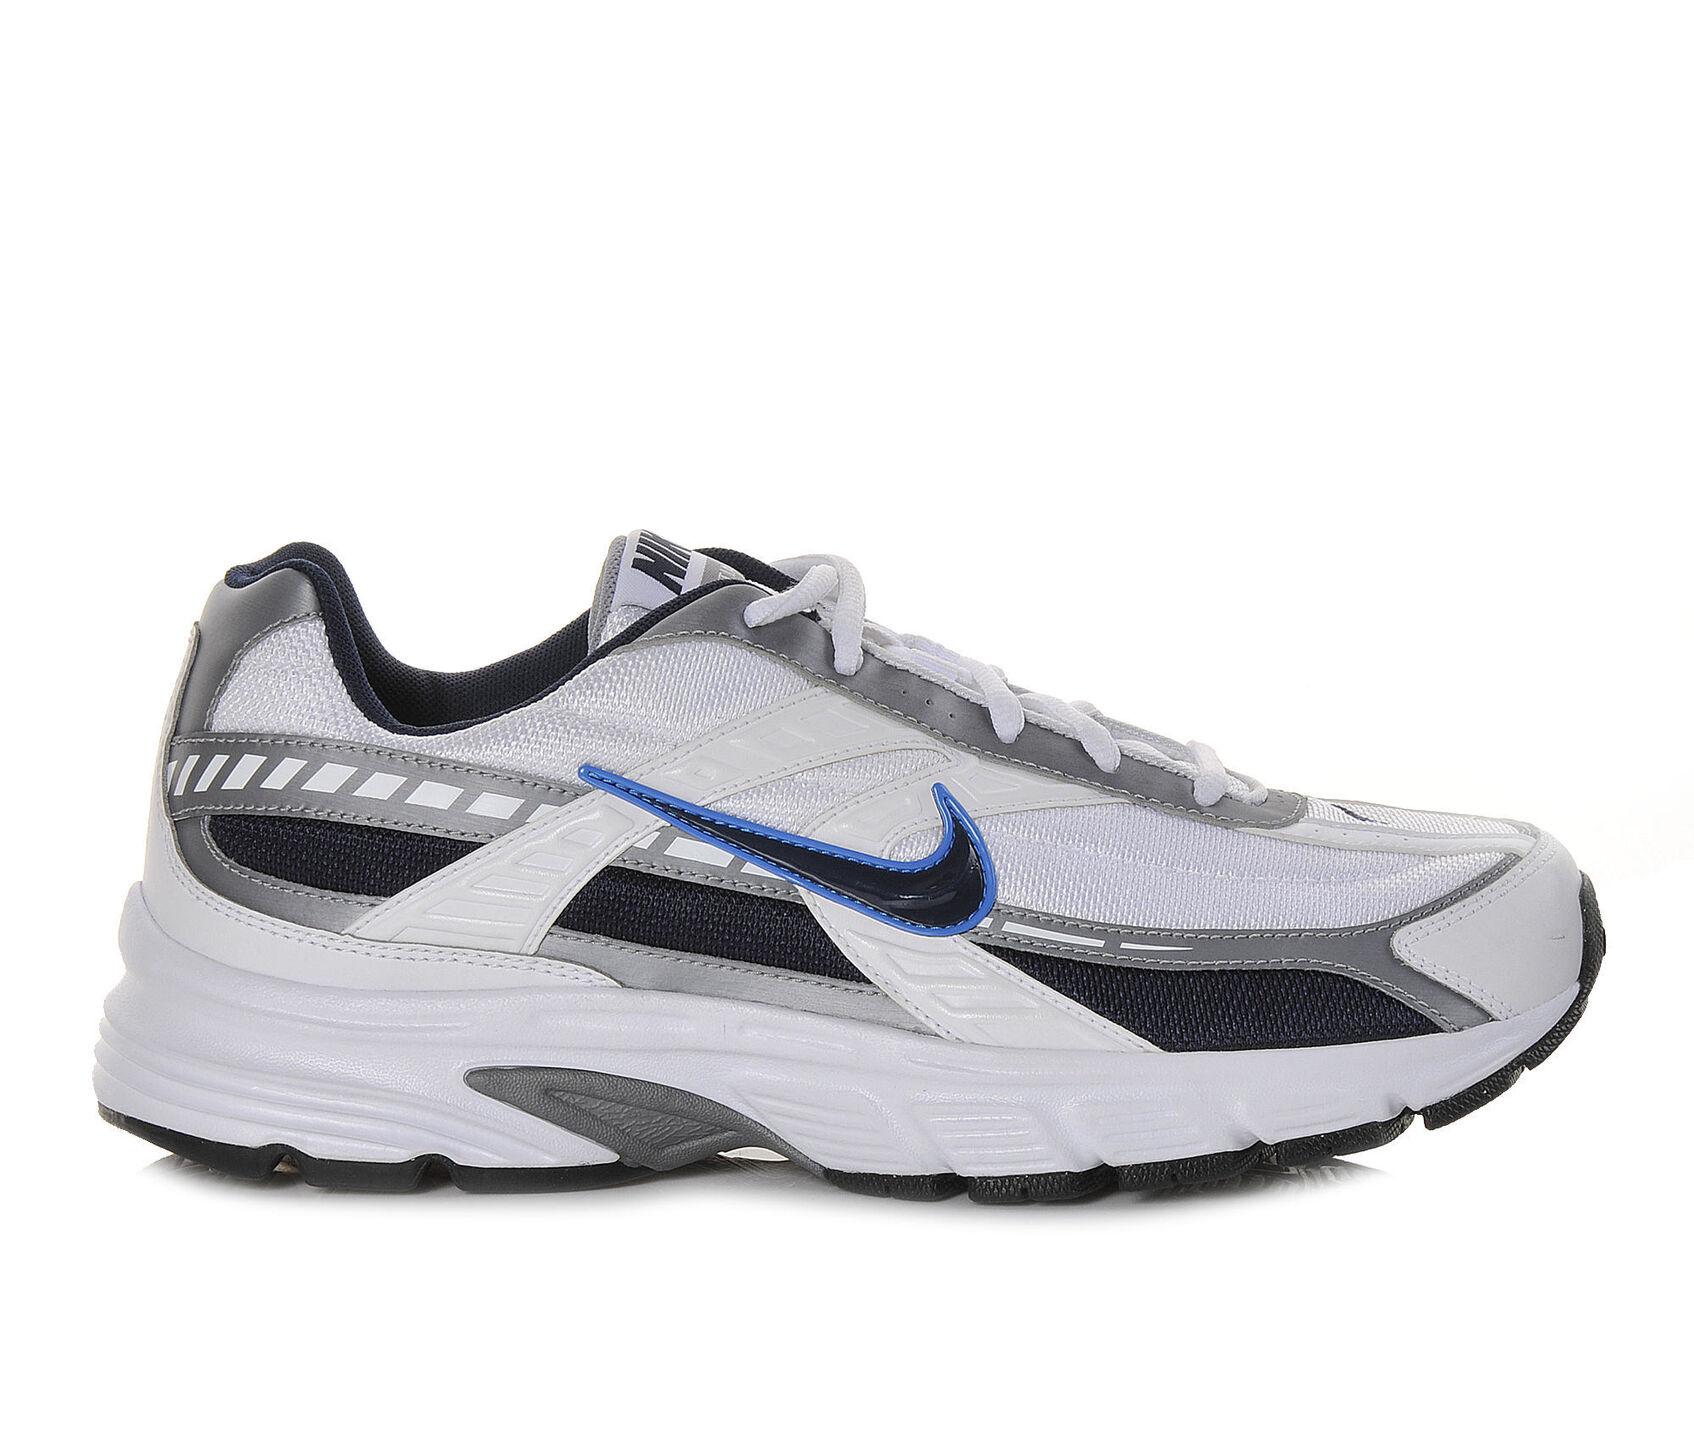 Men's Nike Initiator Running Shoes | Shoe Carnival